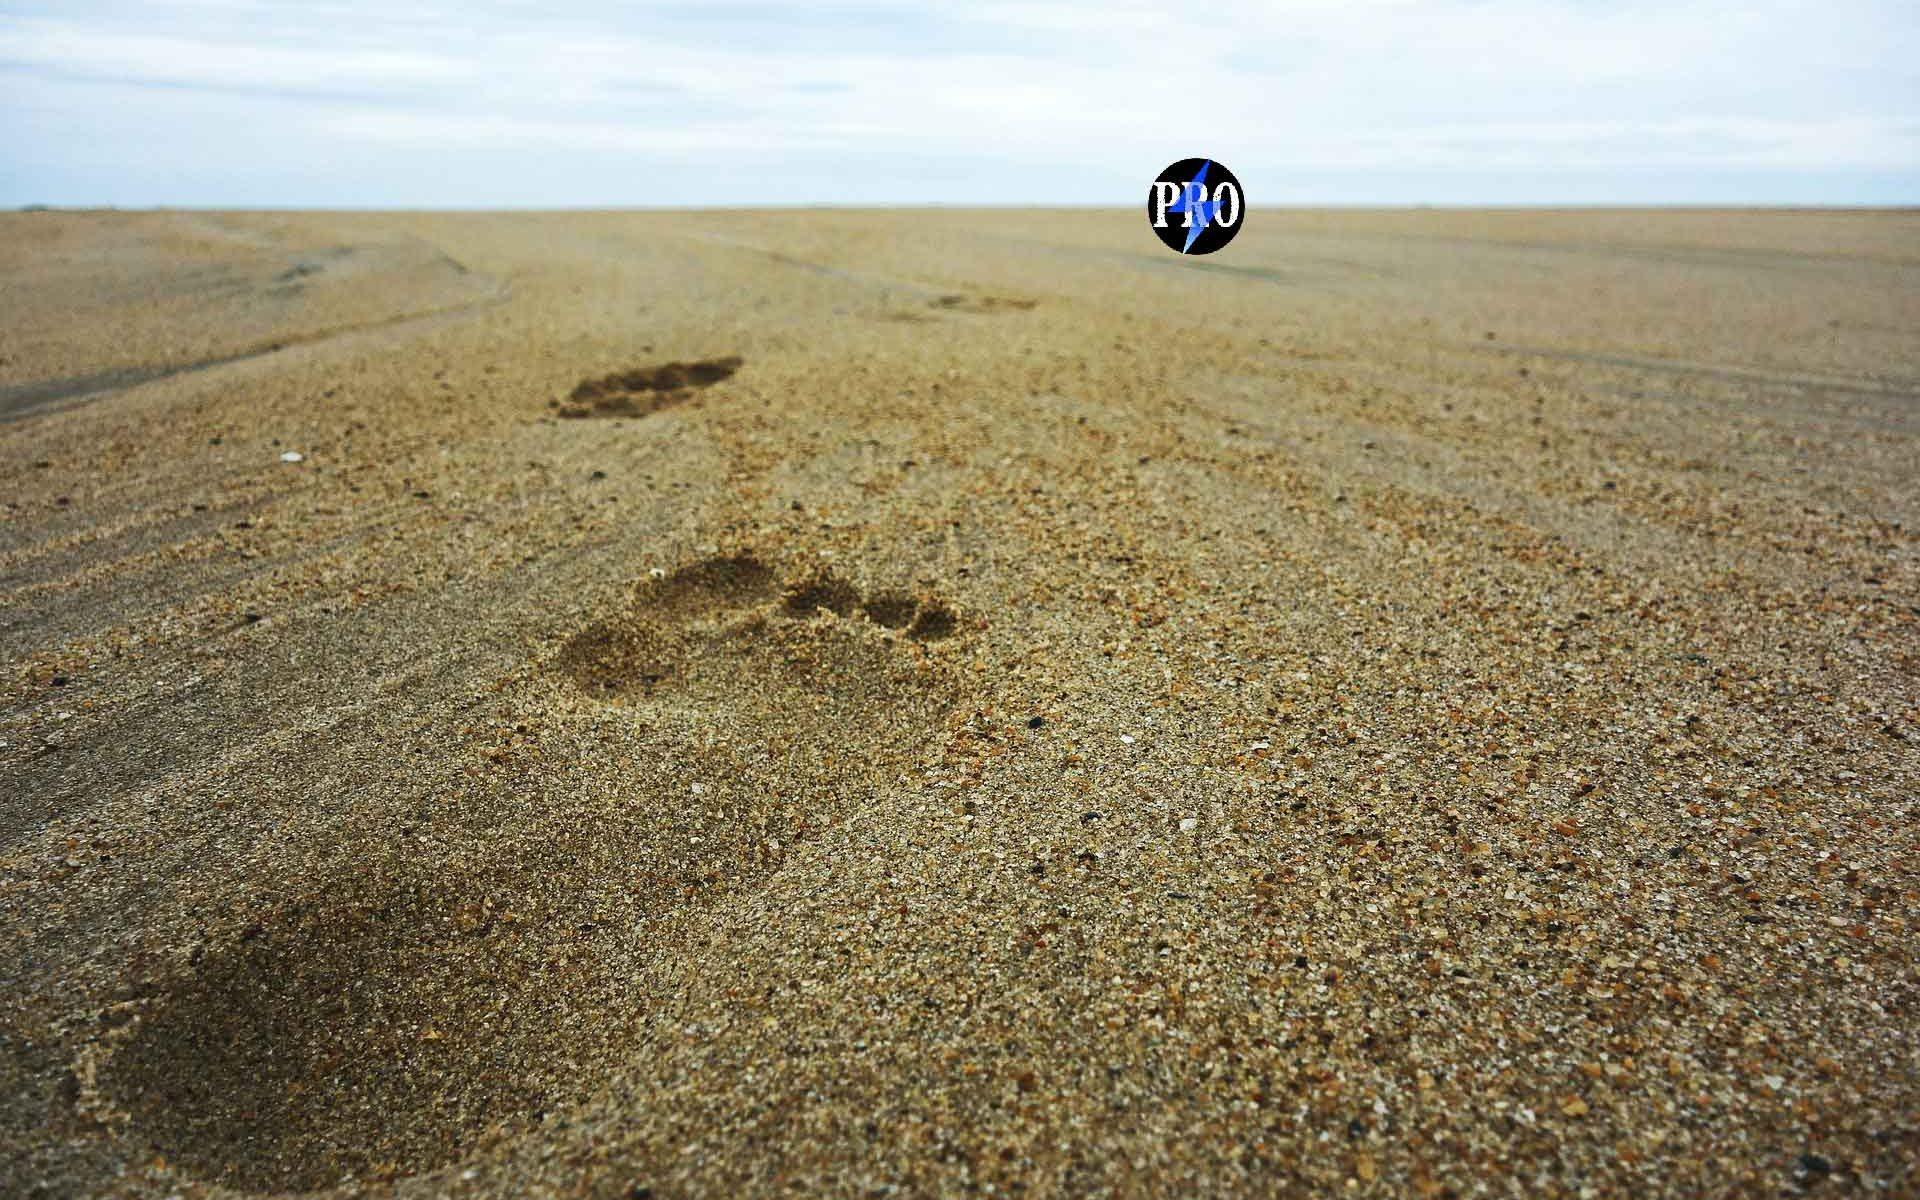 footsteps-amp-pro